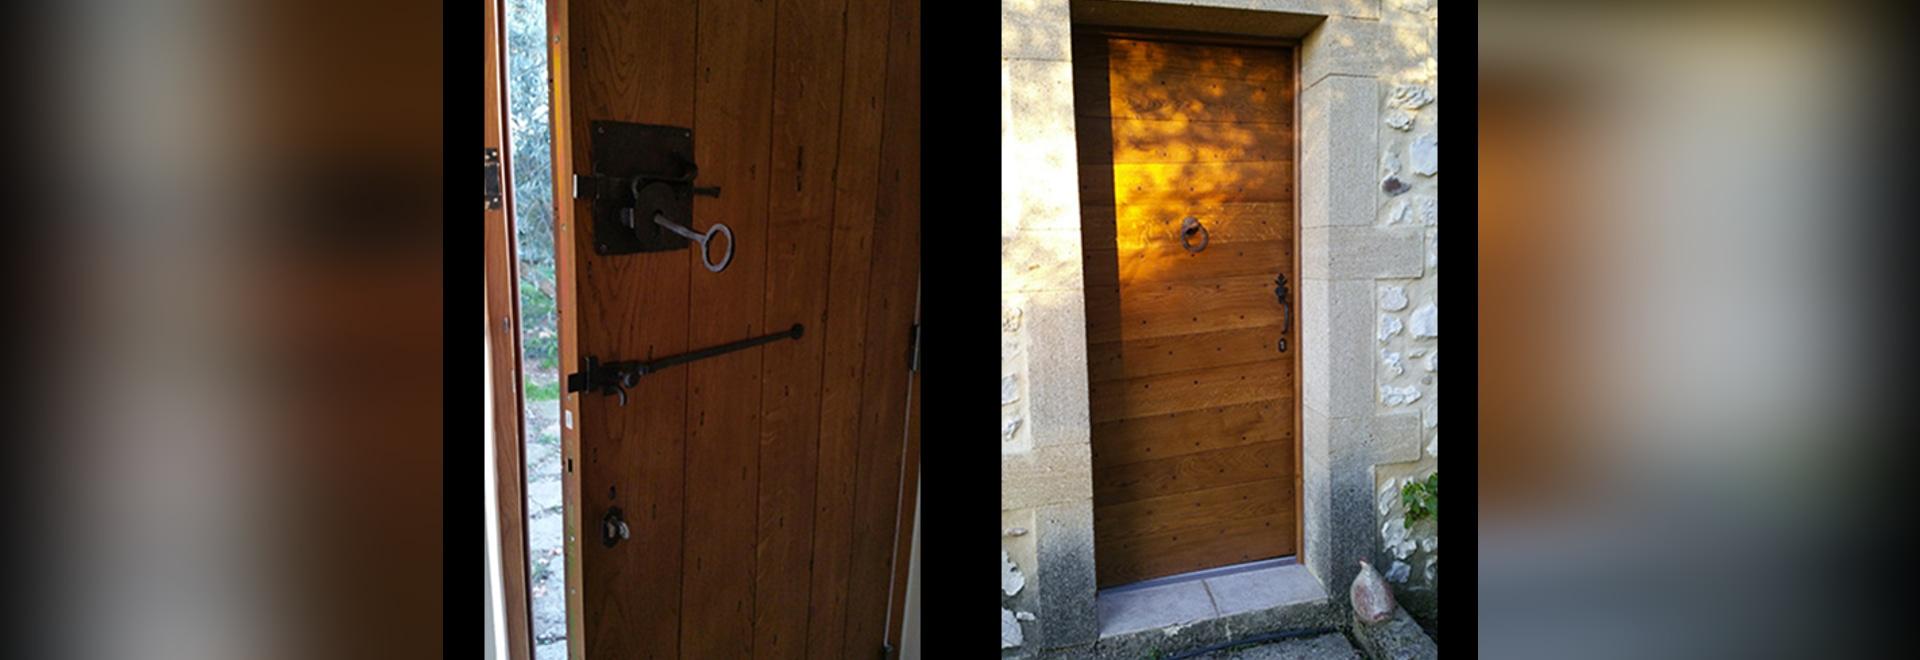 Eine einfache Tür, die Charme hat ...